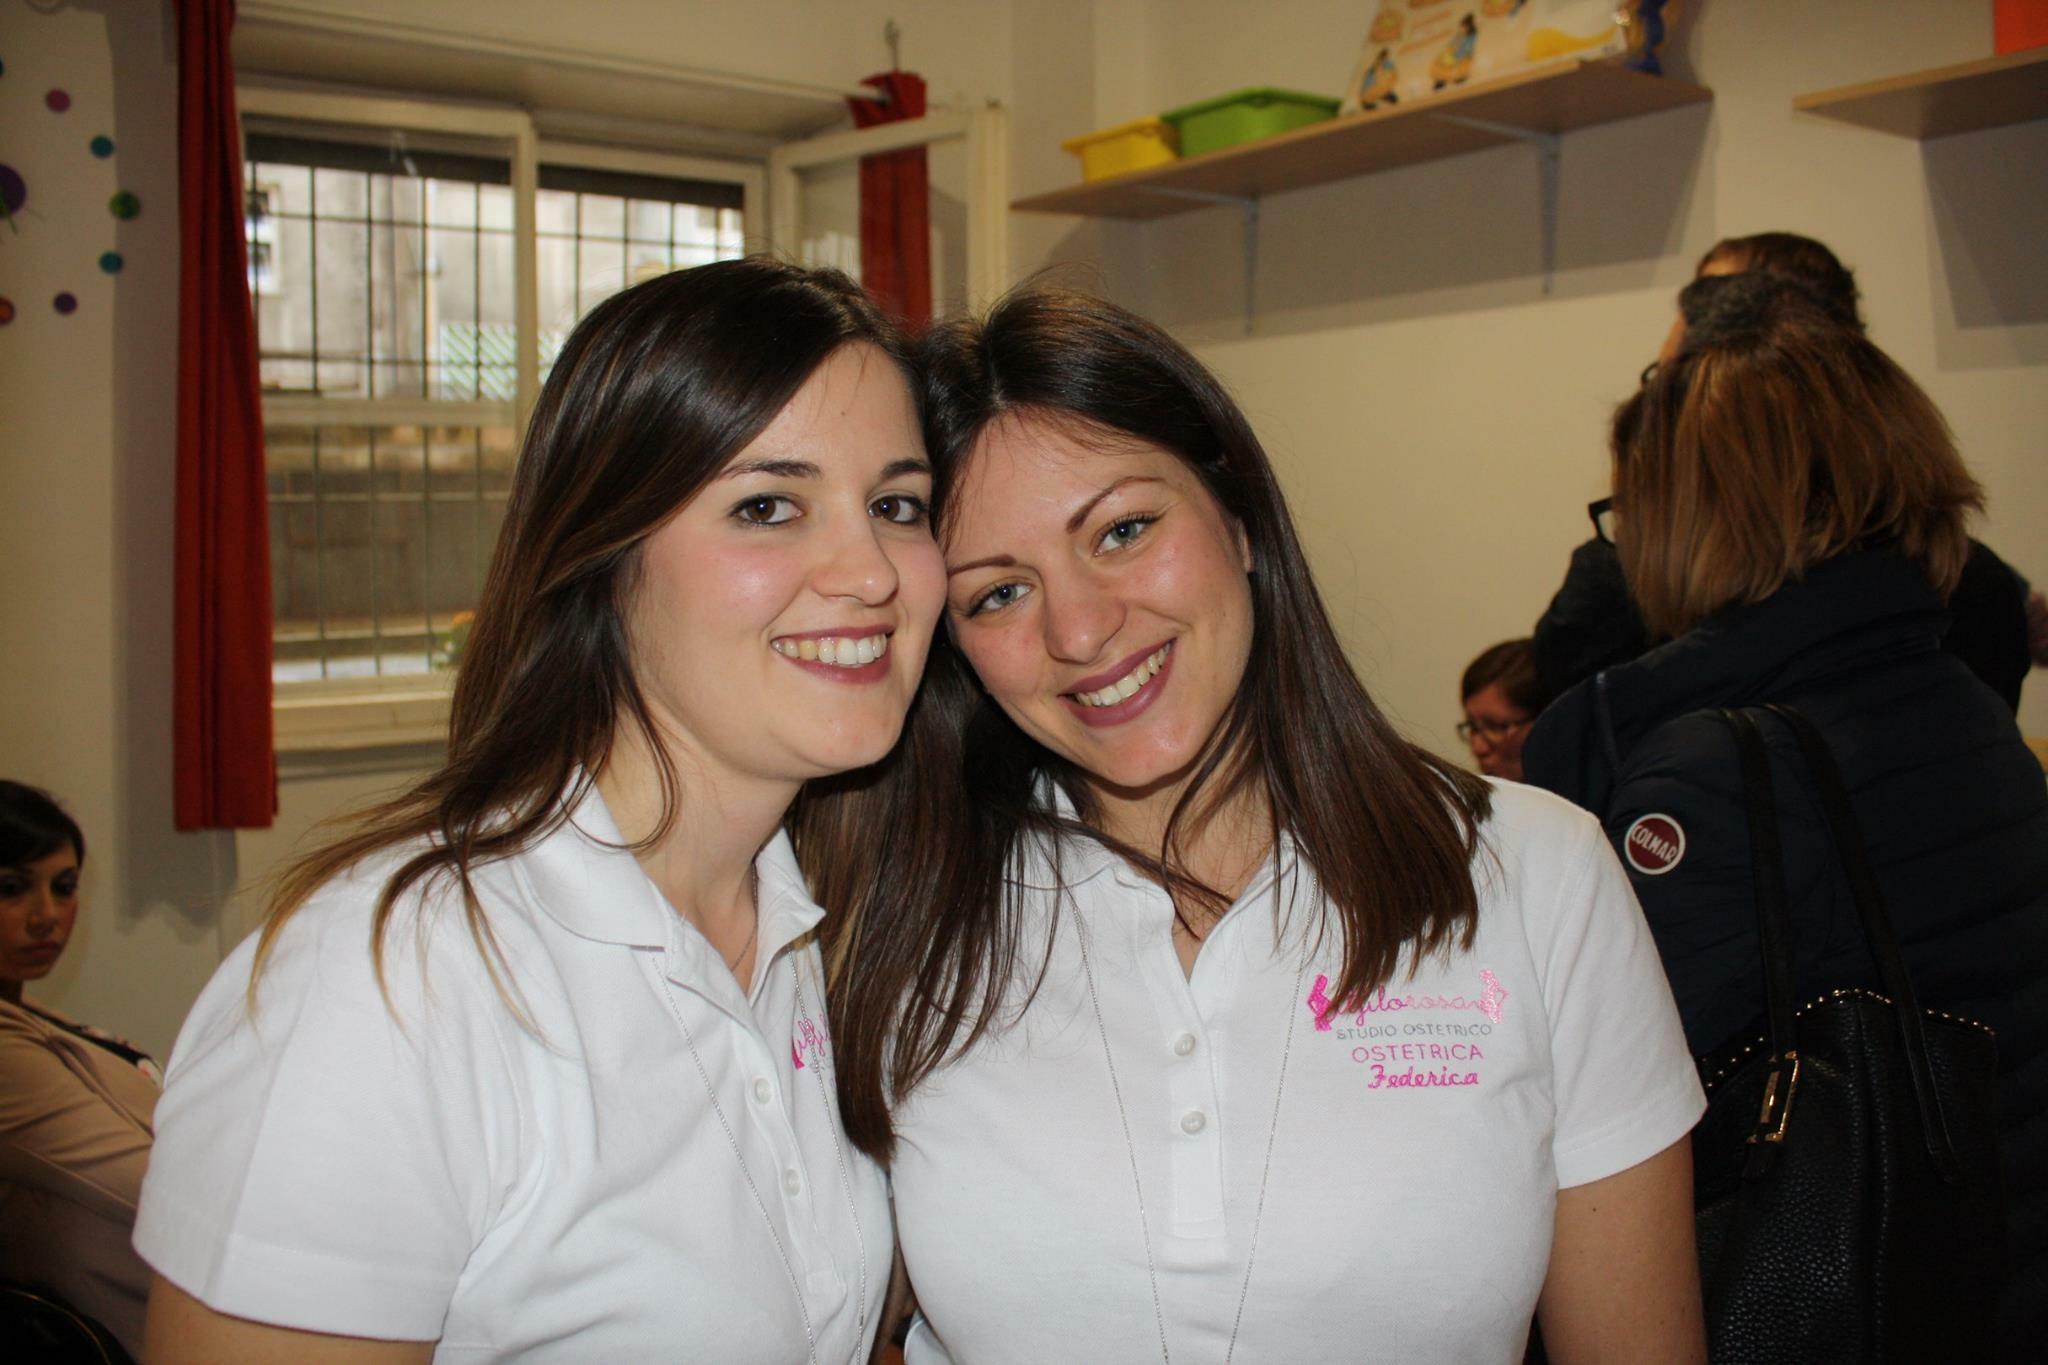 FEDERICA E MARTINA: Libere professioniste per scelta, ostetriche per vocazione